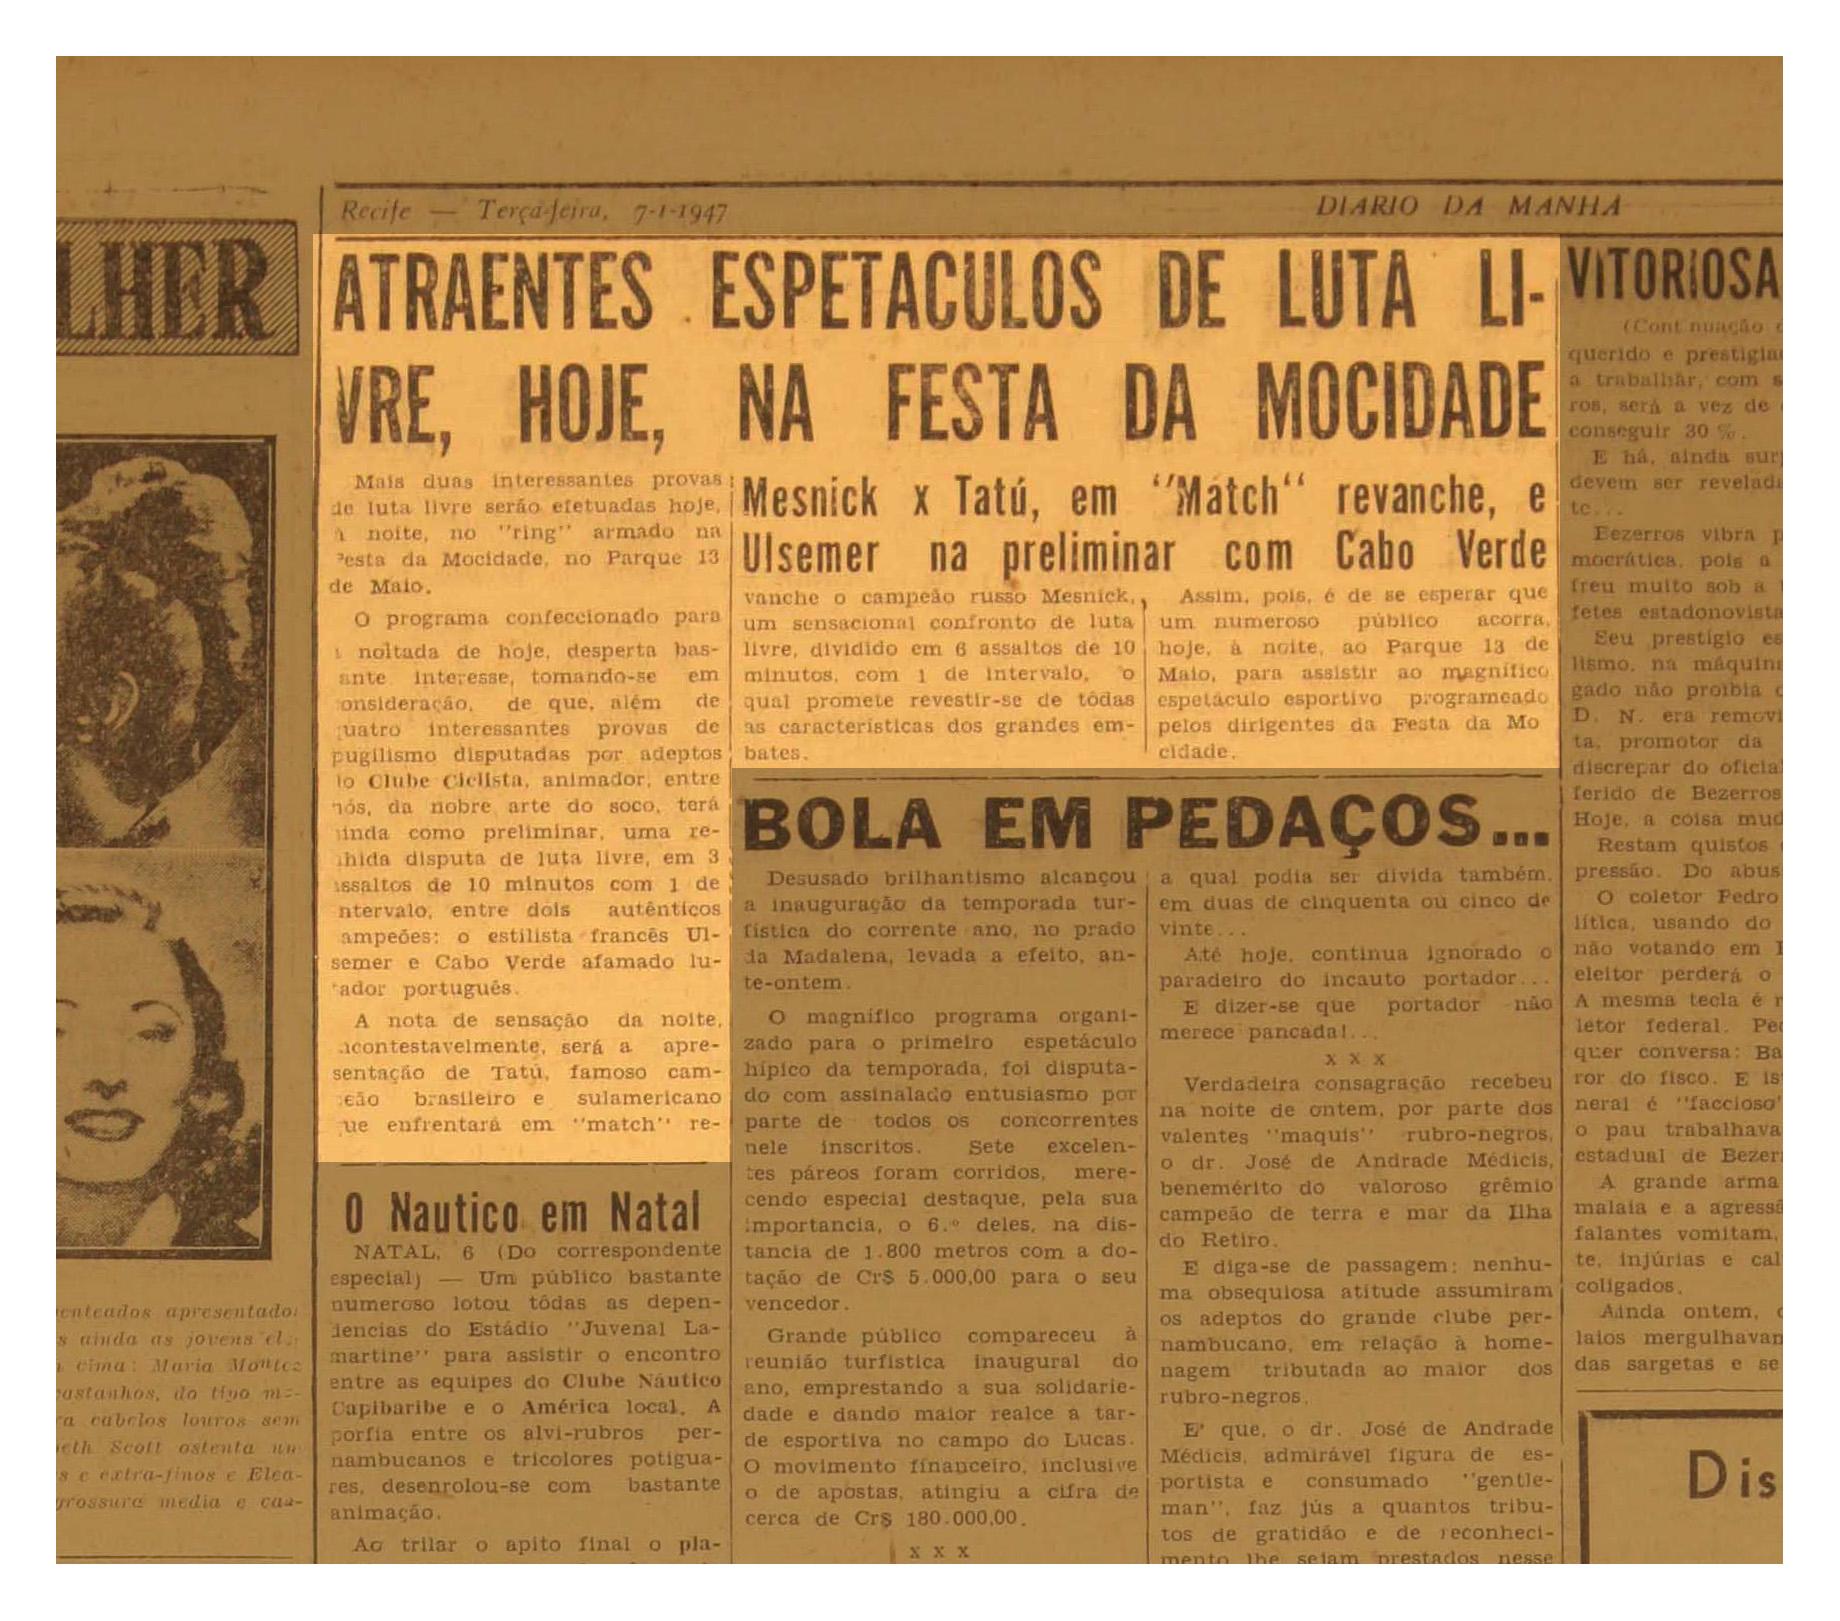 Diario-da-Manha-1947-Ed.0107-Luta-preliminar-de-Cabo-Verde-O-copy.jpg